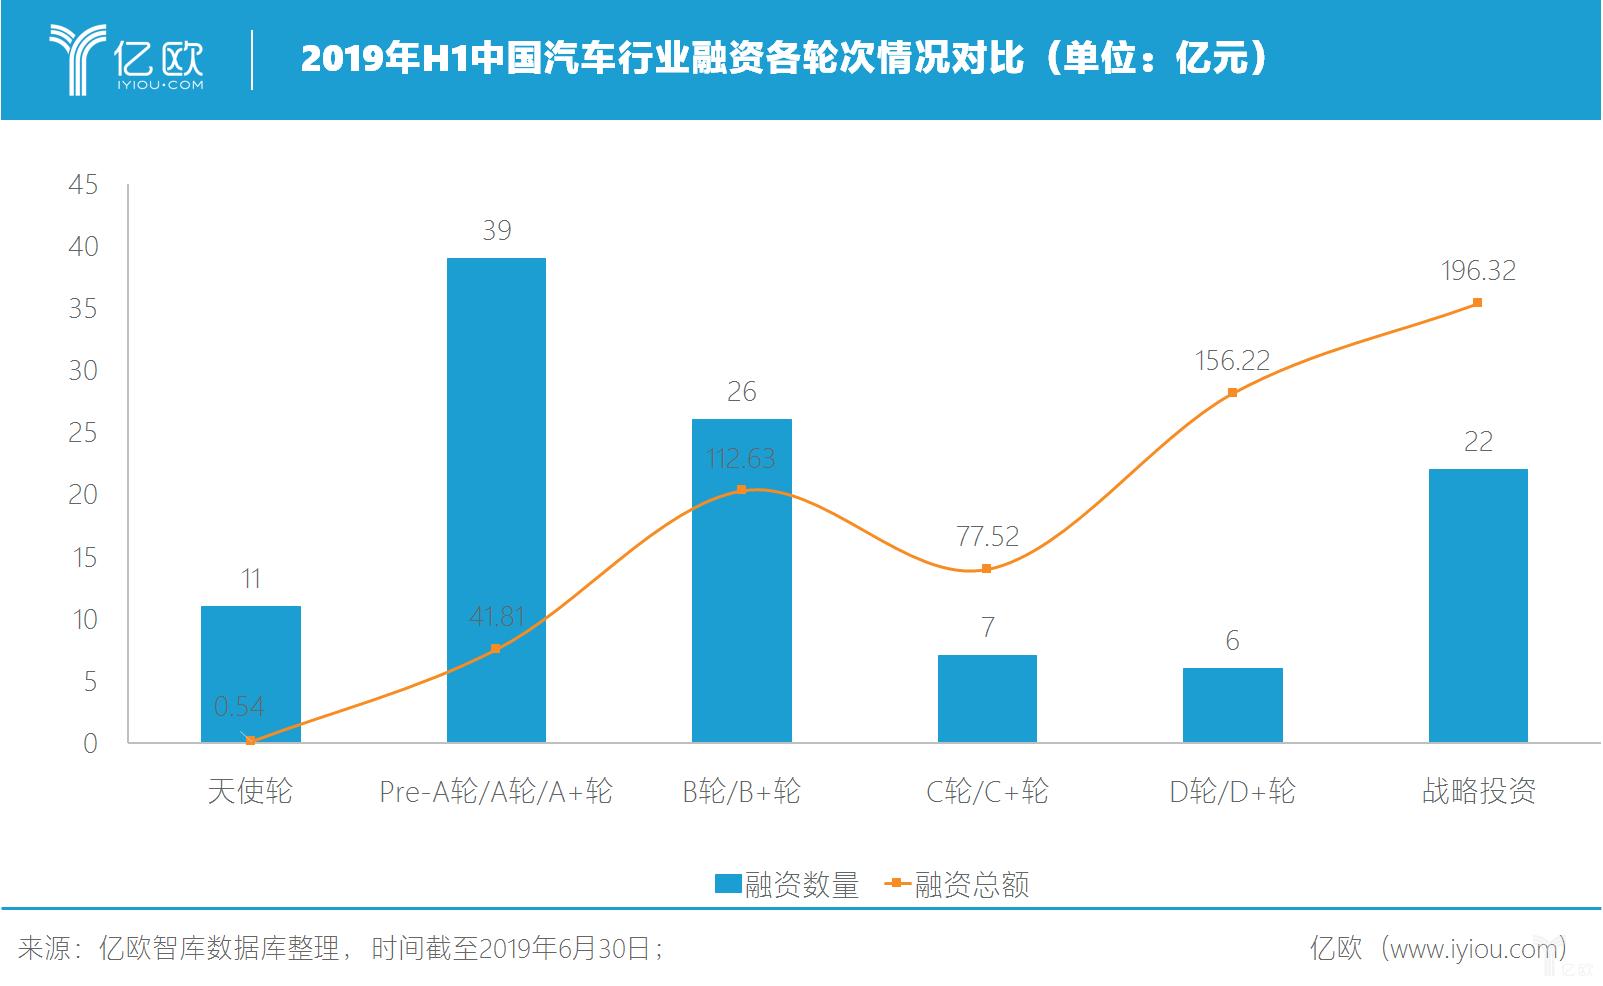 2019年H1中国汽车行业融资各轮次情况对比(单位:亿元)